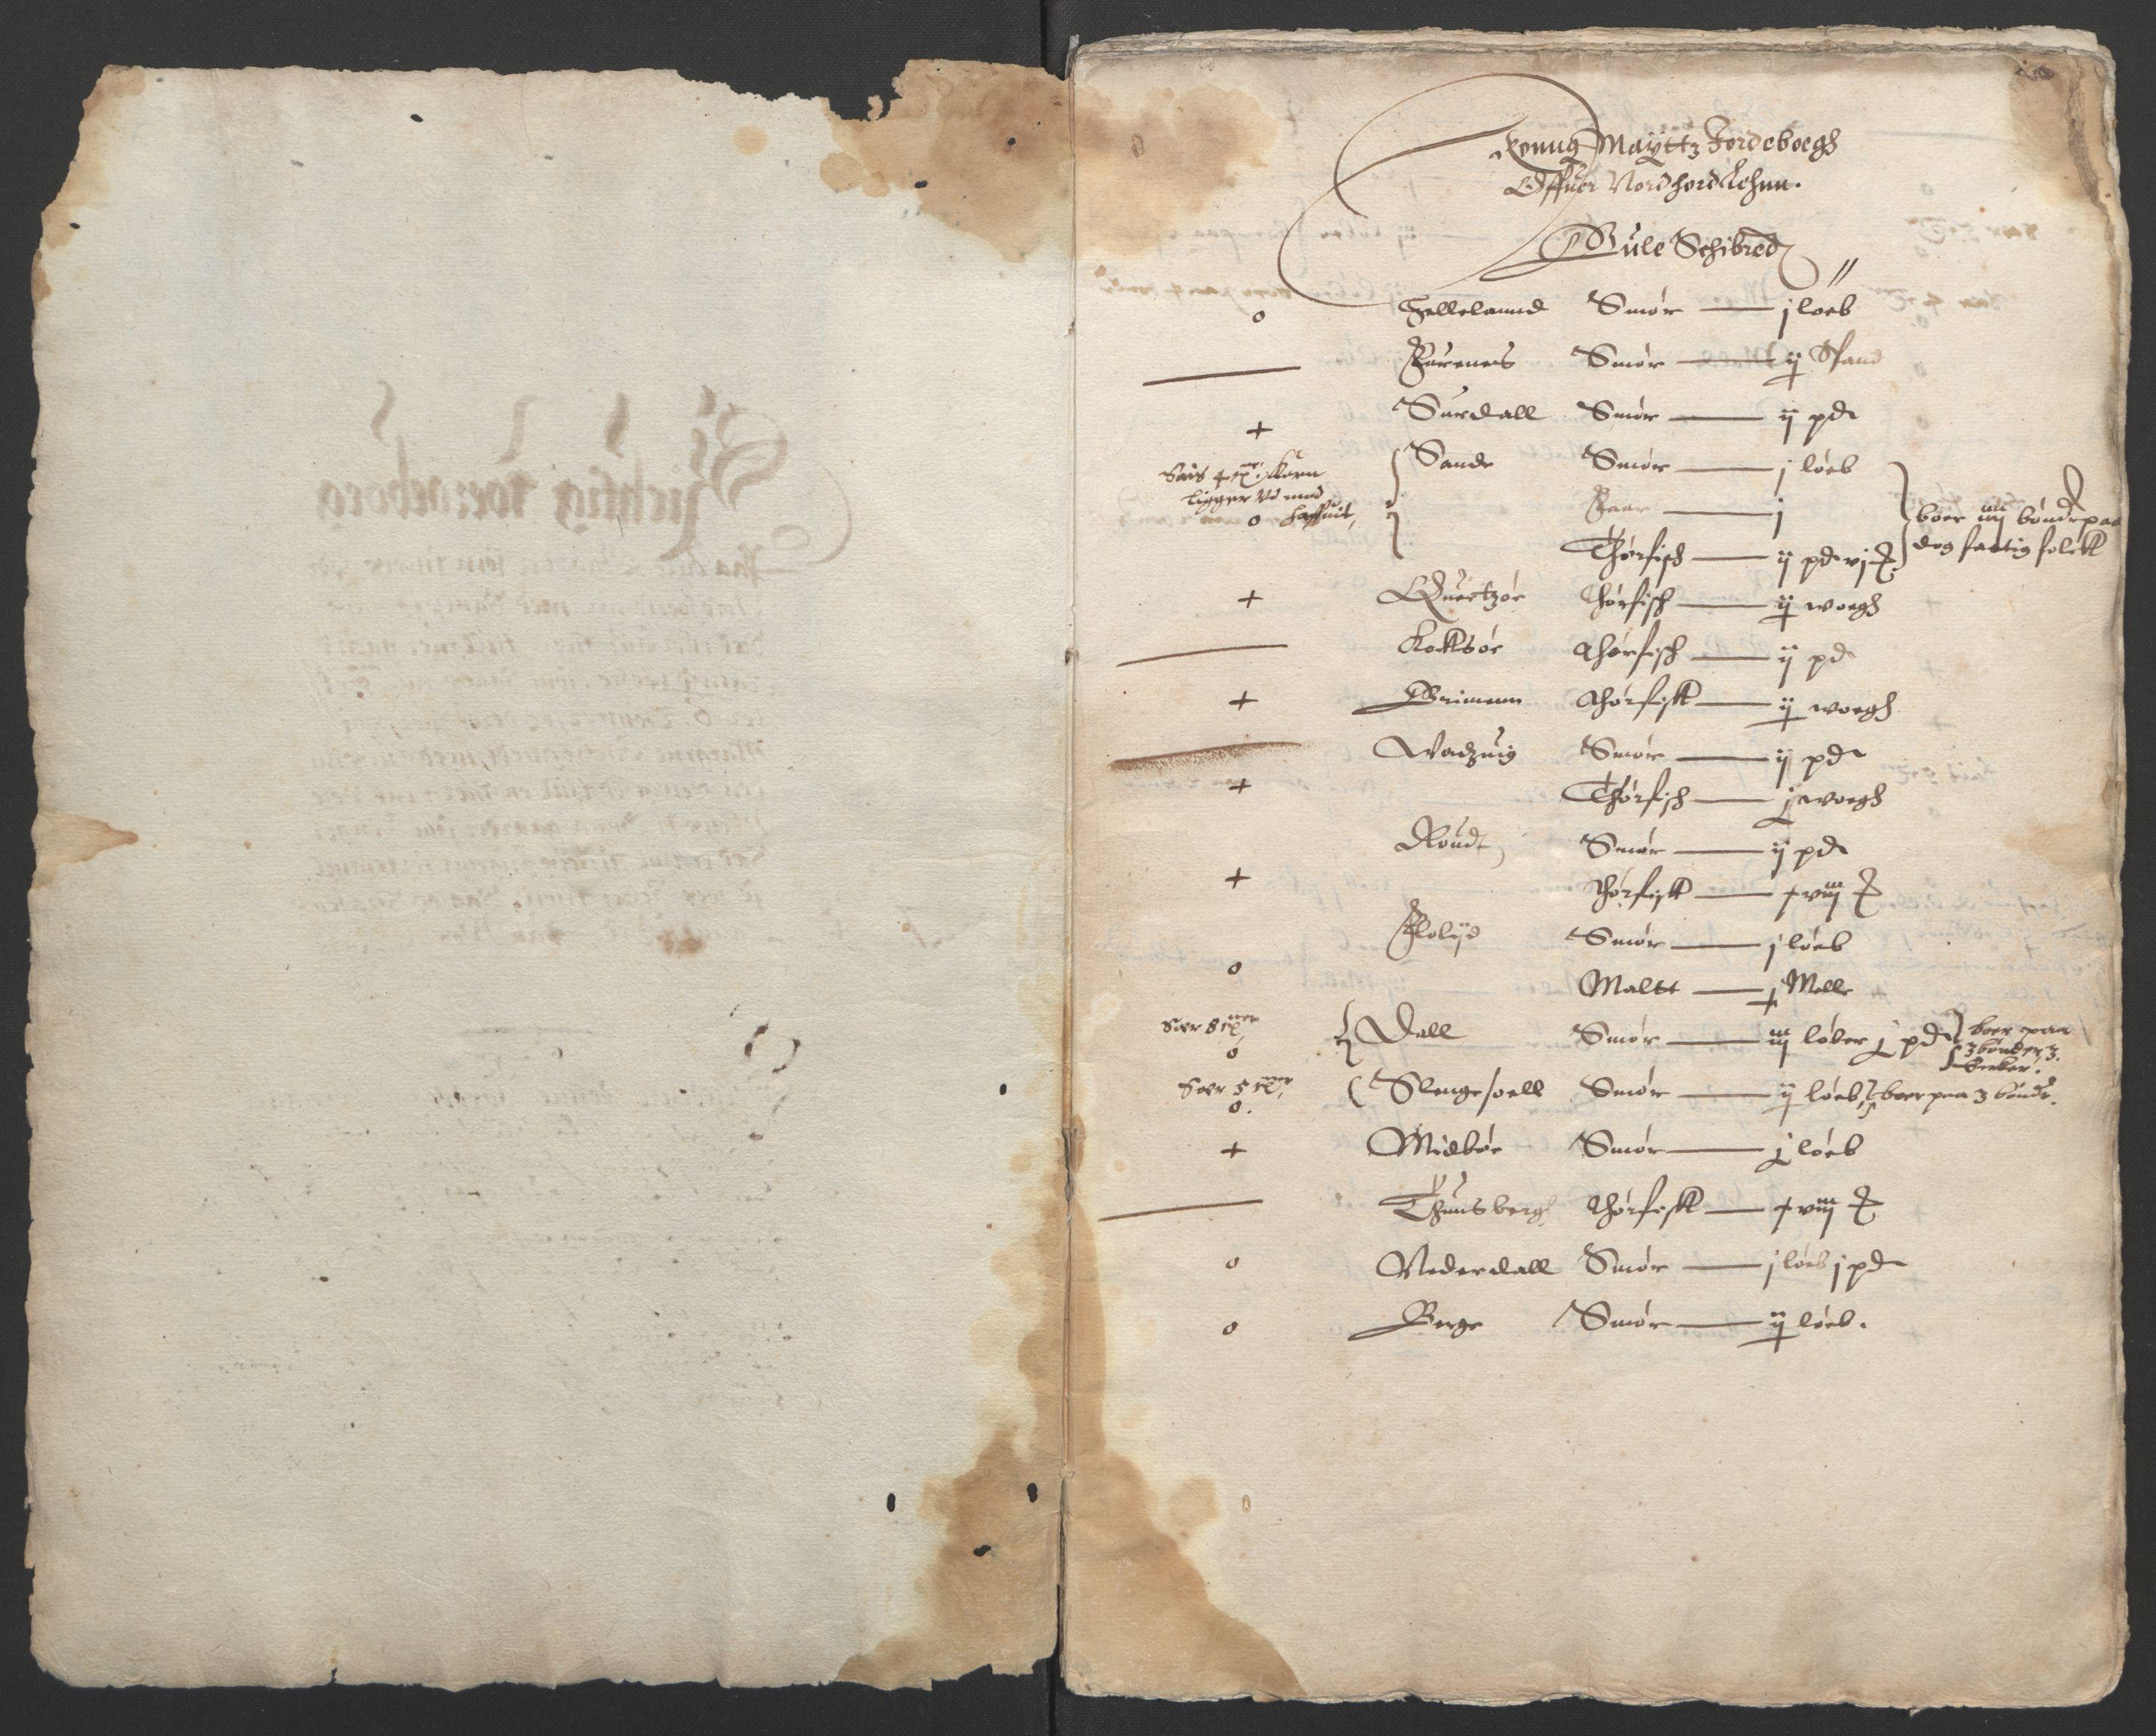 RA, Stattholderembetet 1572-1771, Ek/L0004: Jordebøker til utlikning av garnisonsskatt 1624-1626:, 1626, s. 131